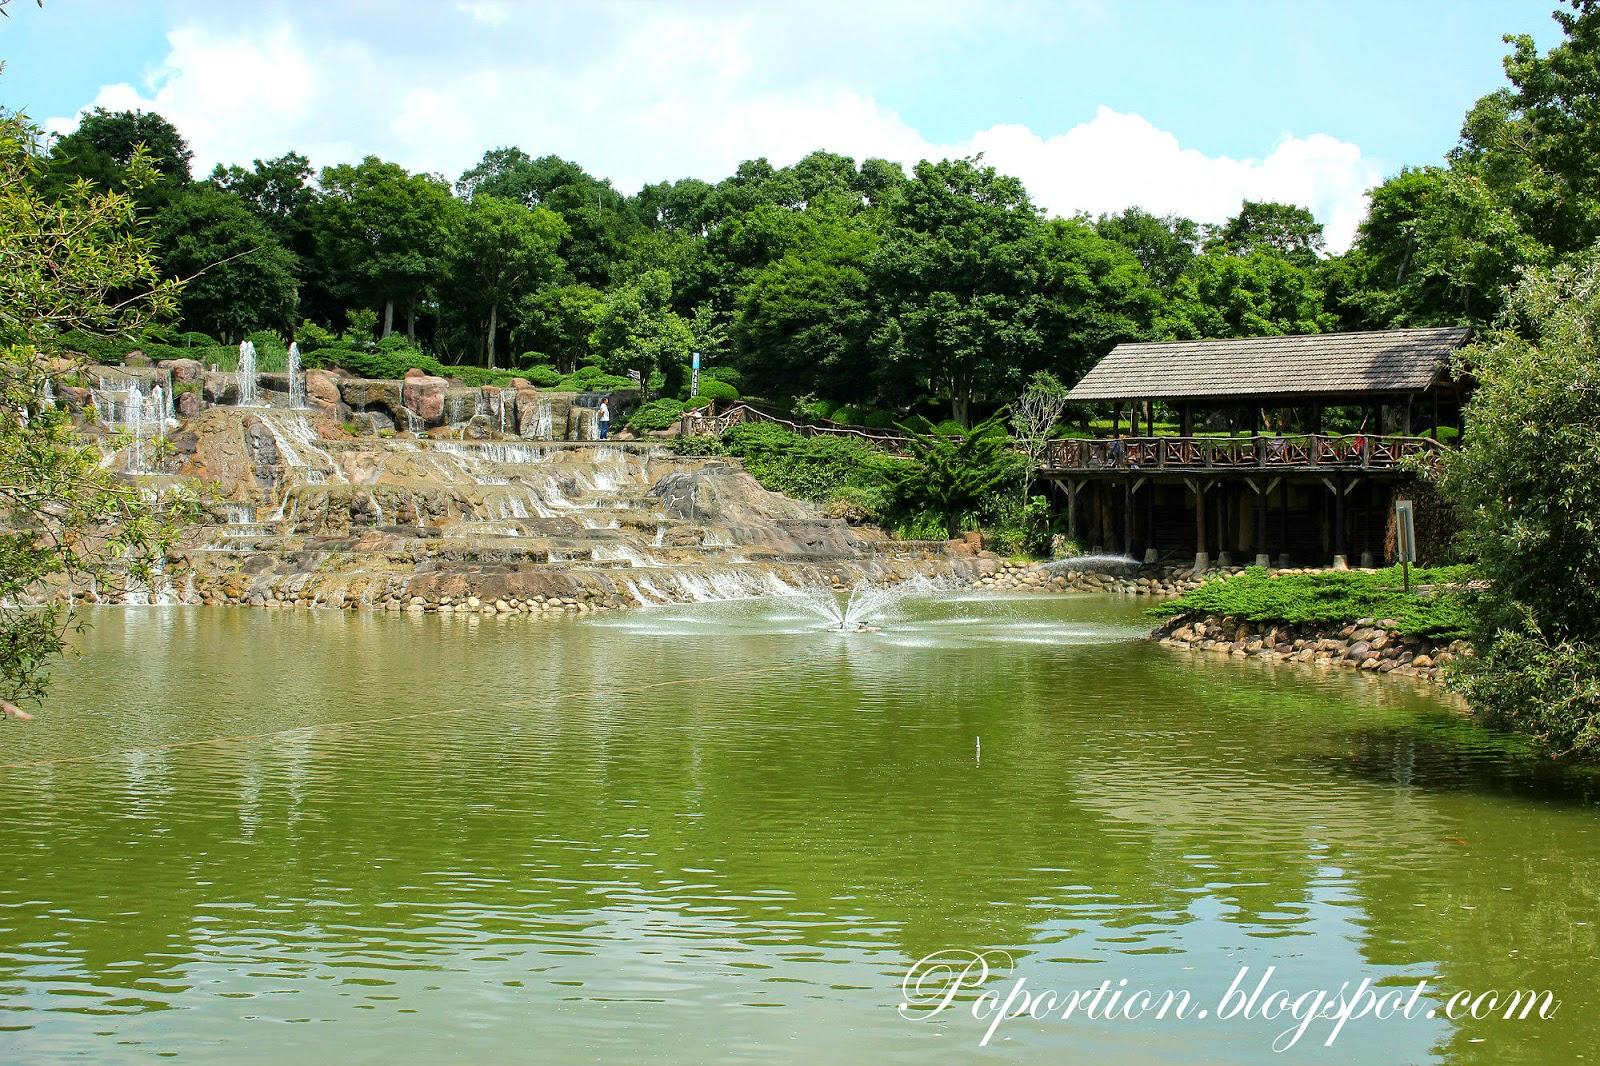 manmade waterfall